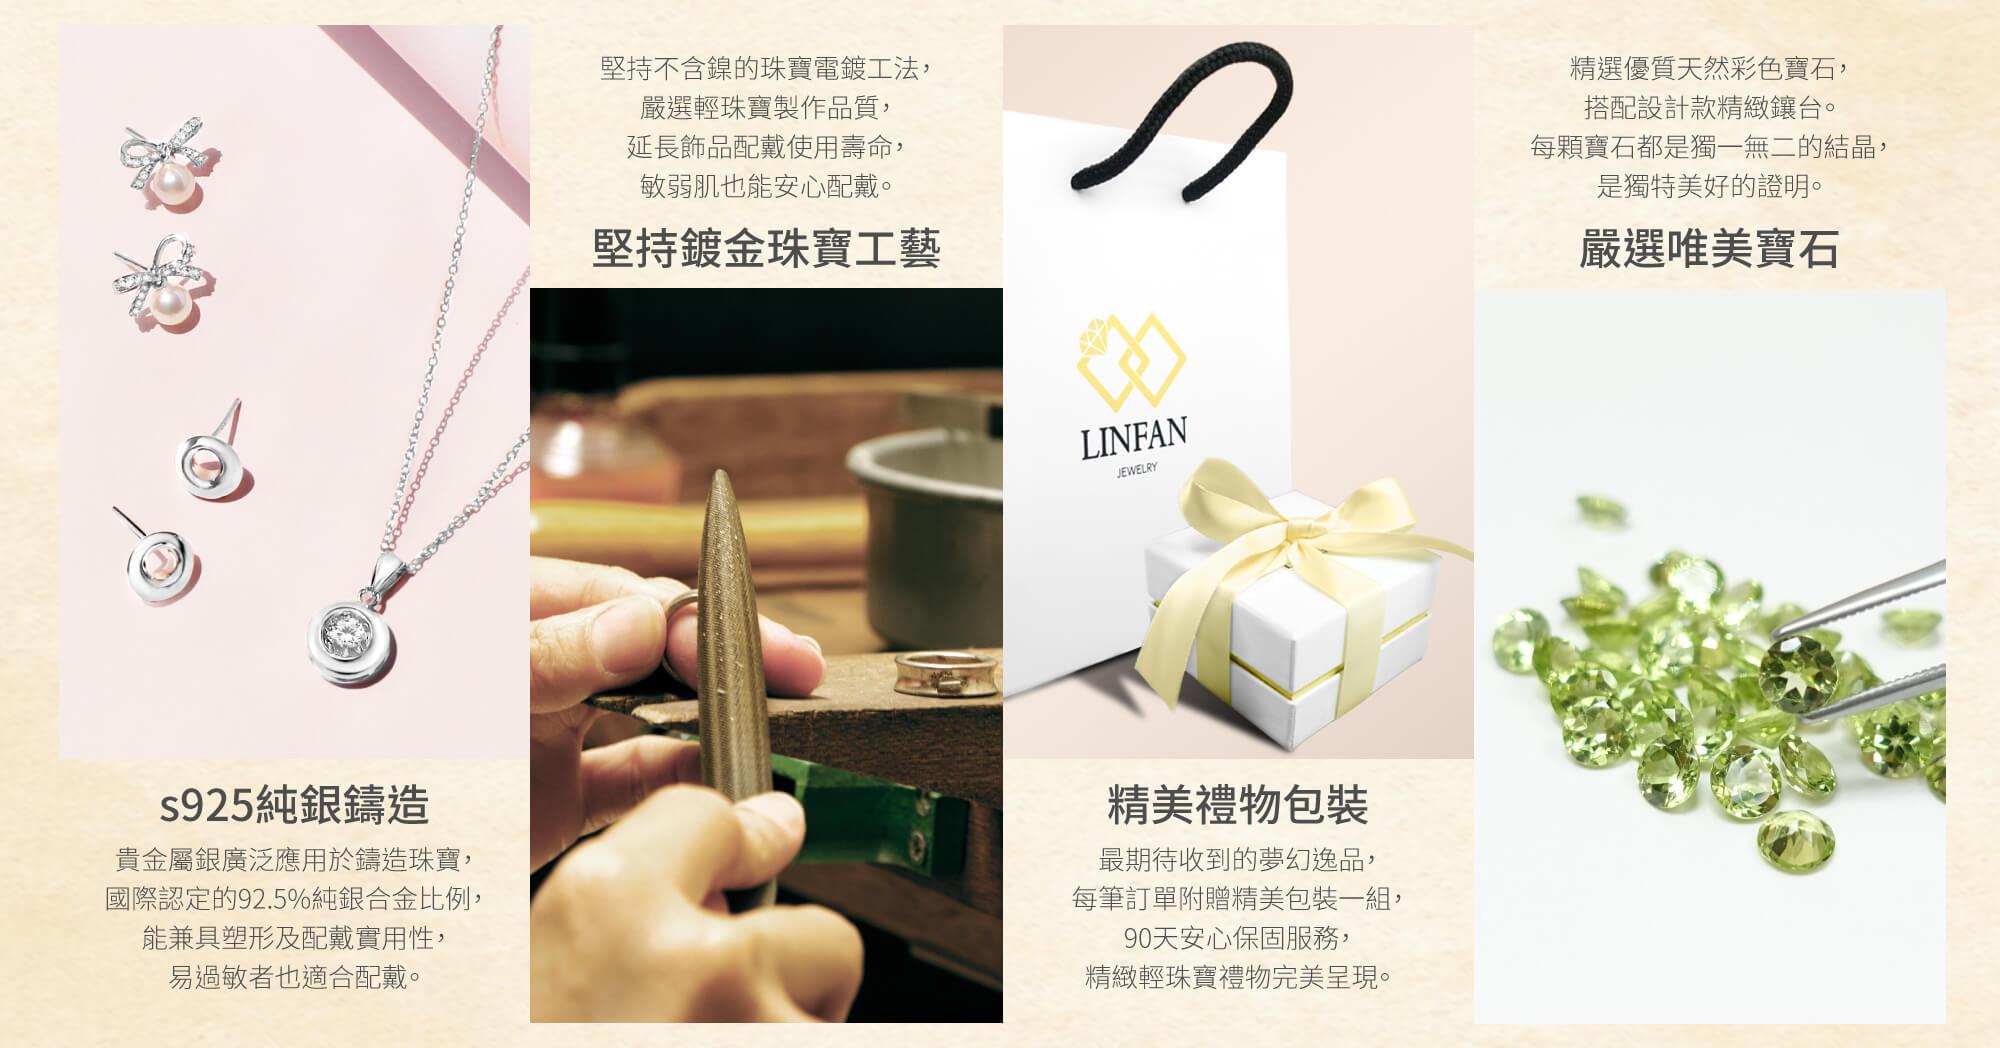 linfan jewelry梨汎輕珠寶純銀嚴謹製作工藝